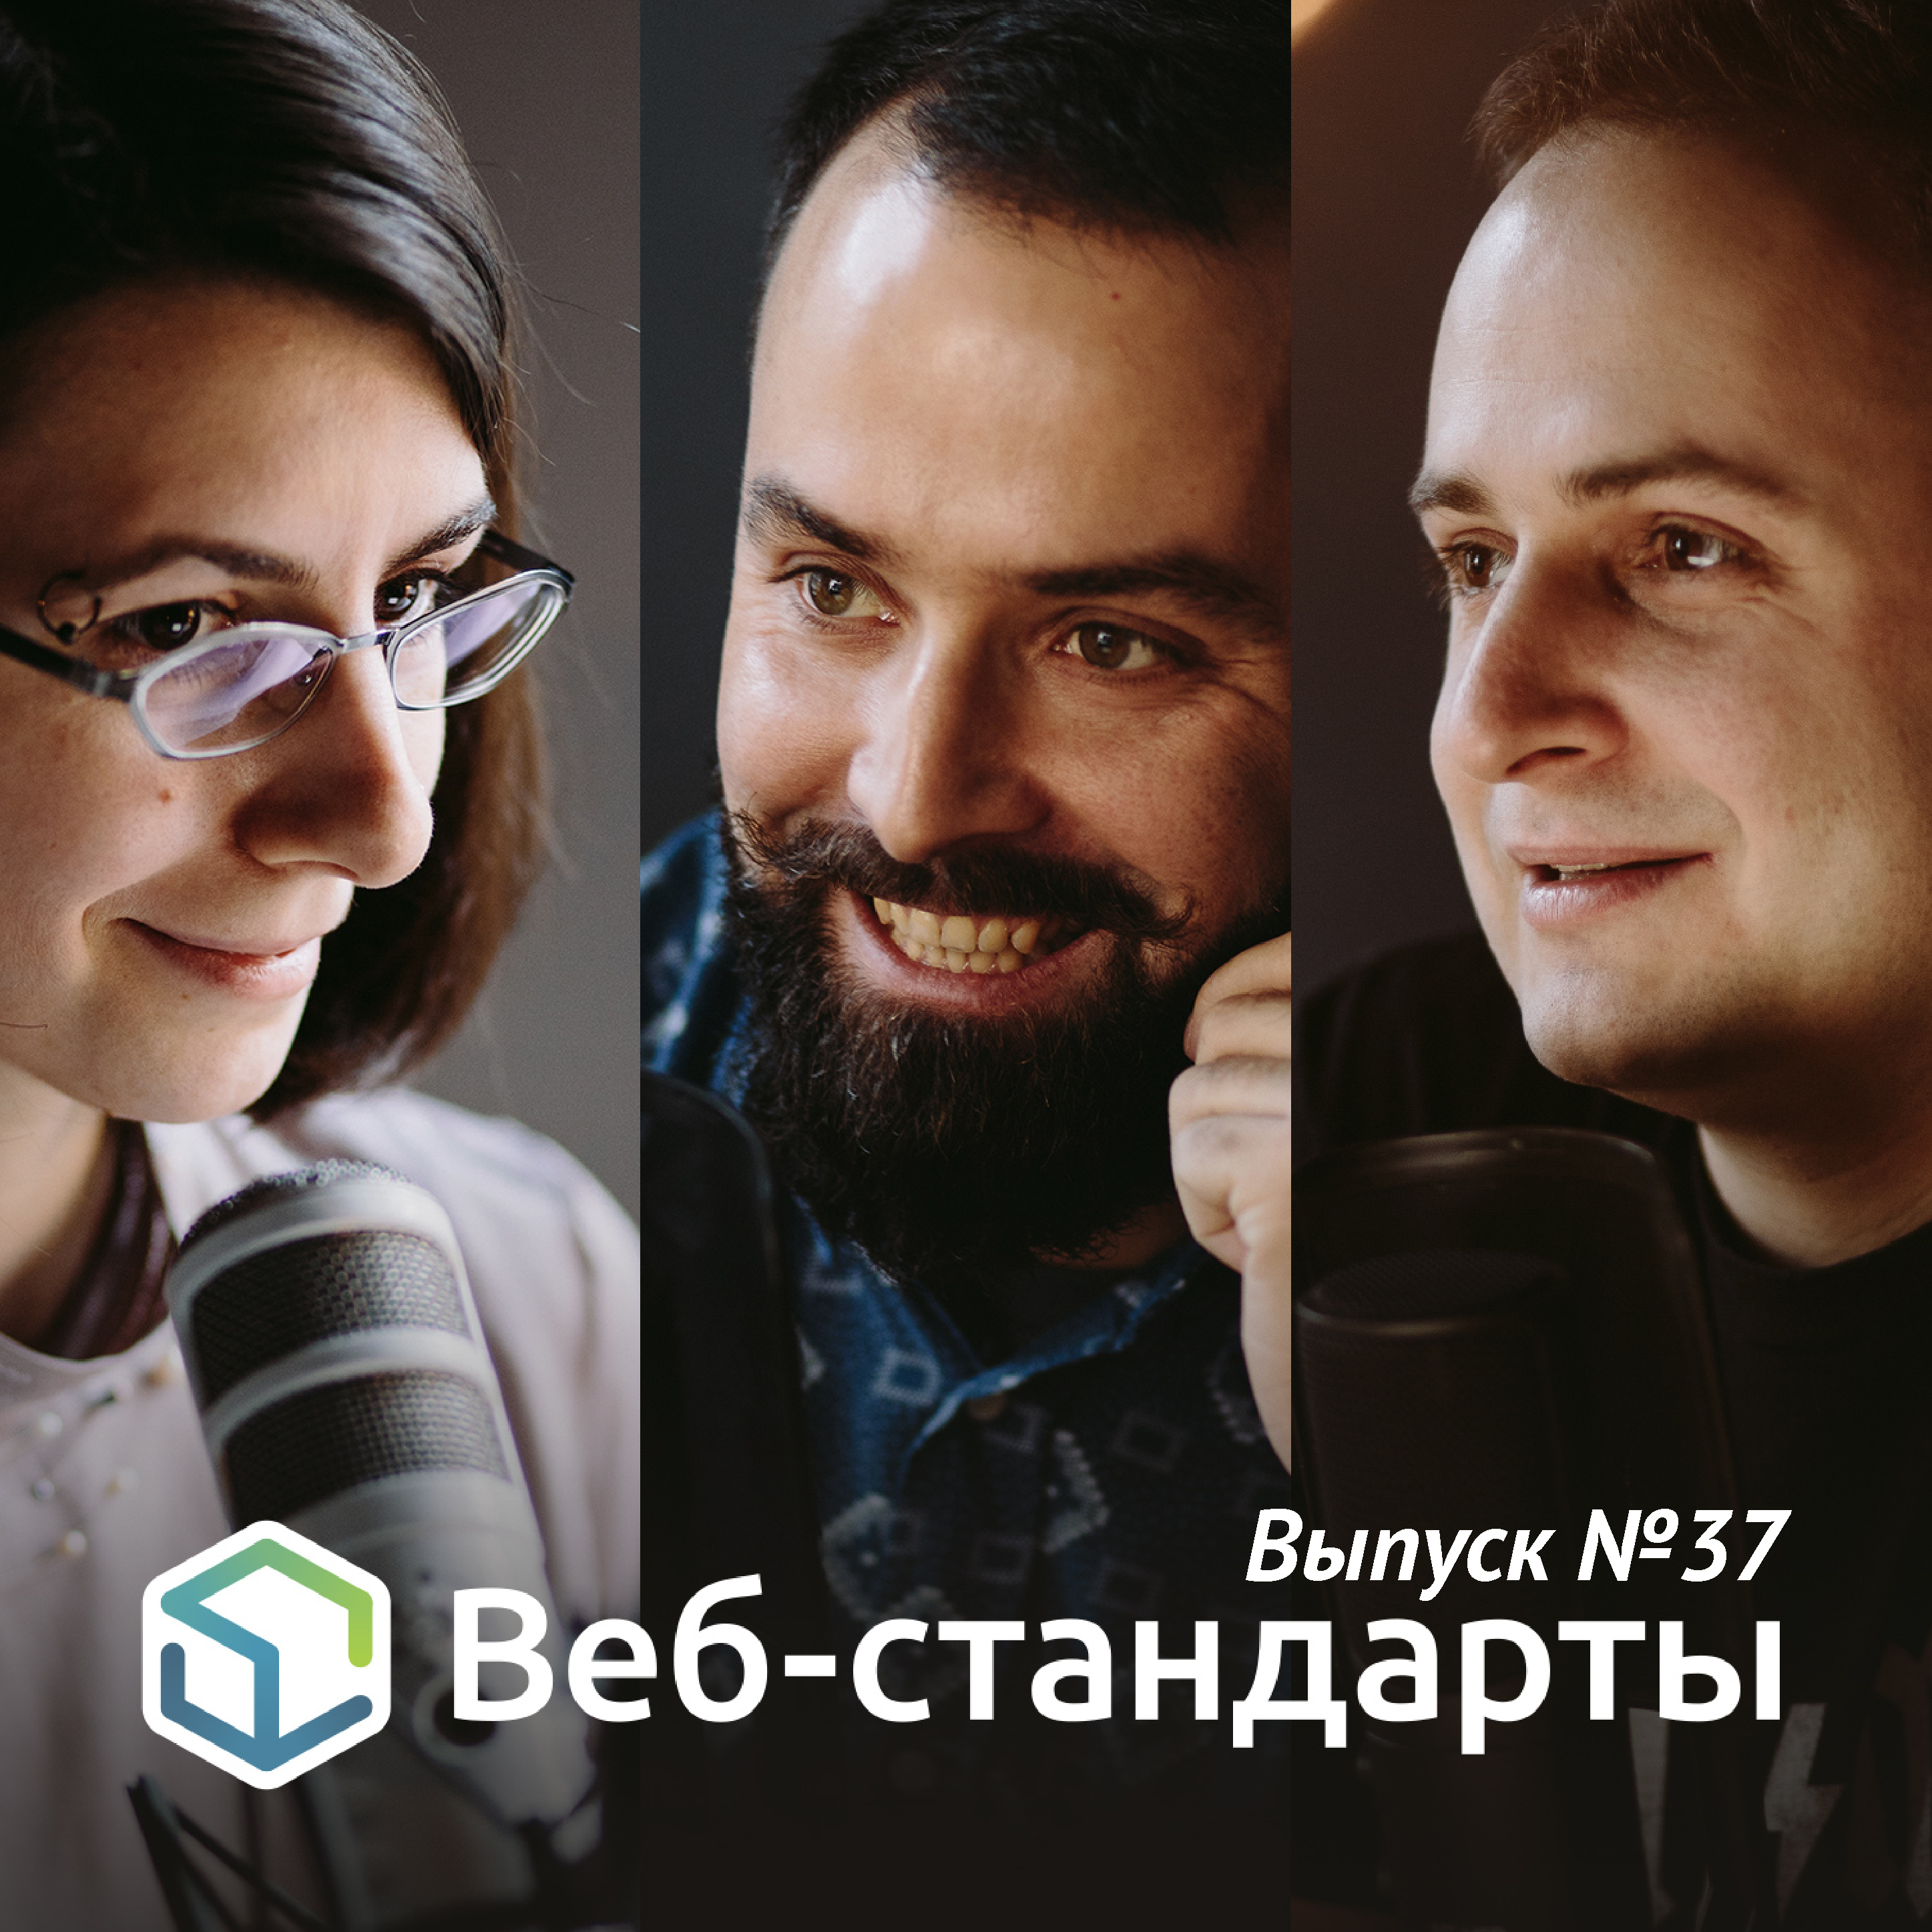 Алексей Симоненко Выпуск №37 алексей симоненко выпуск 67